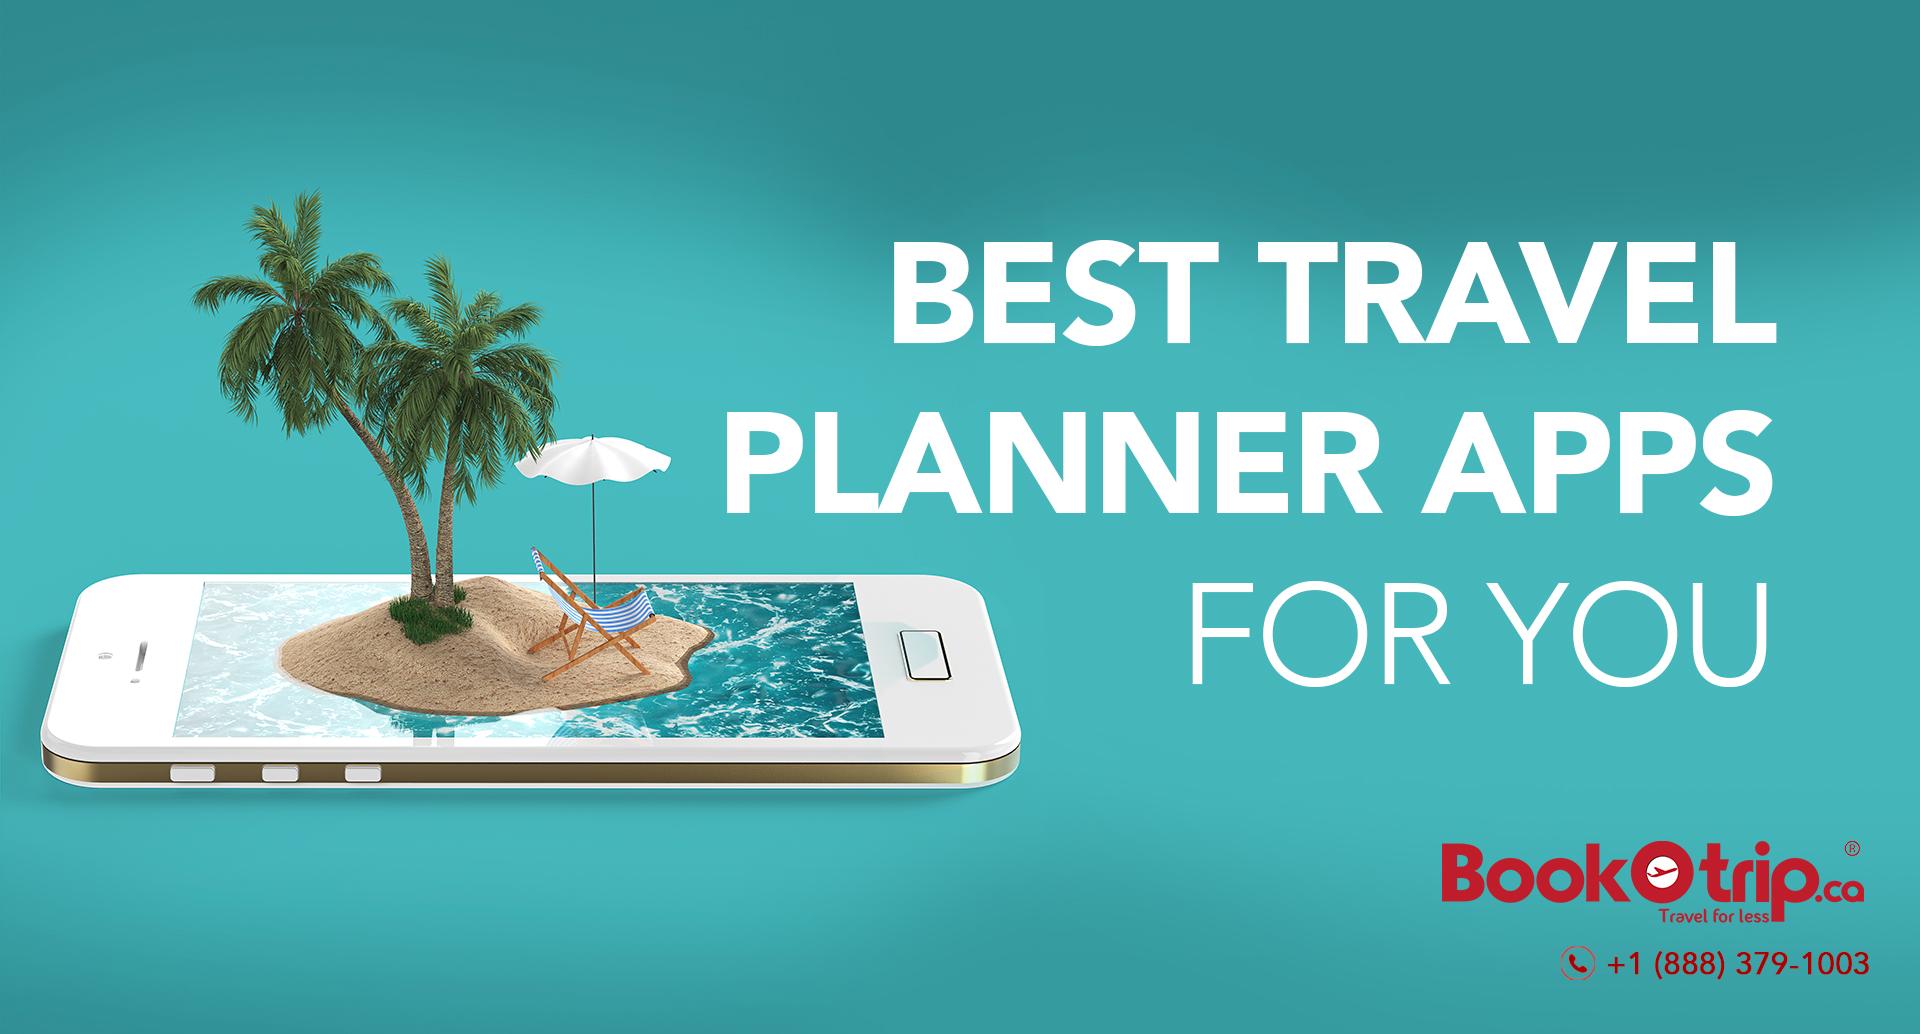 travel deals - BookOtrip.ca